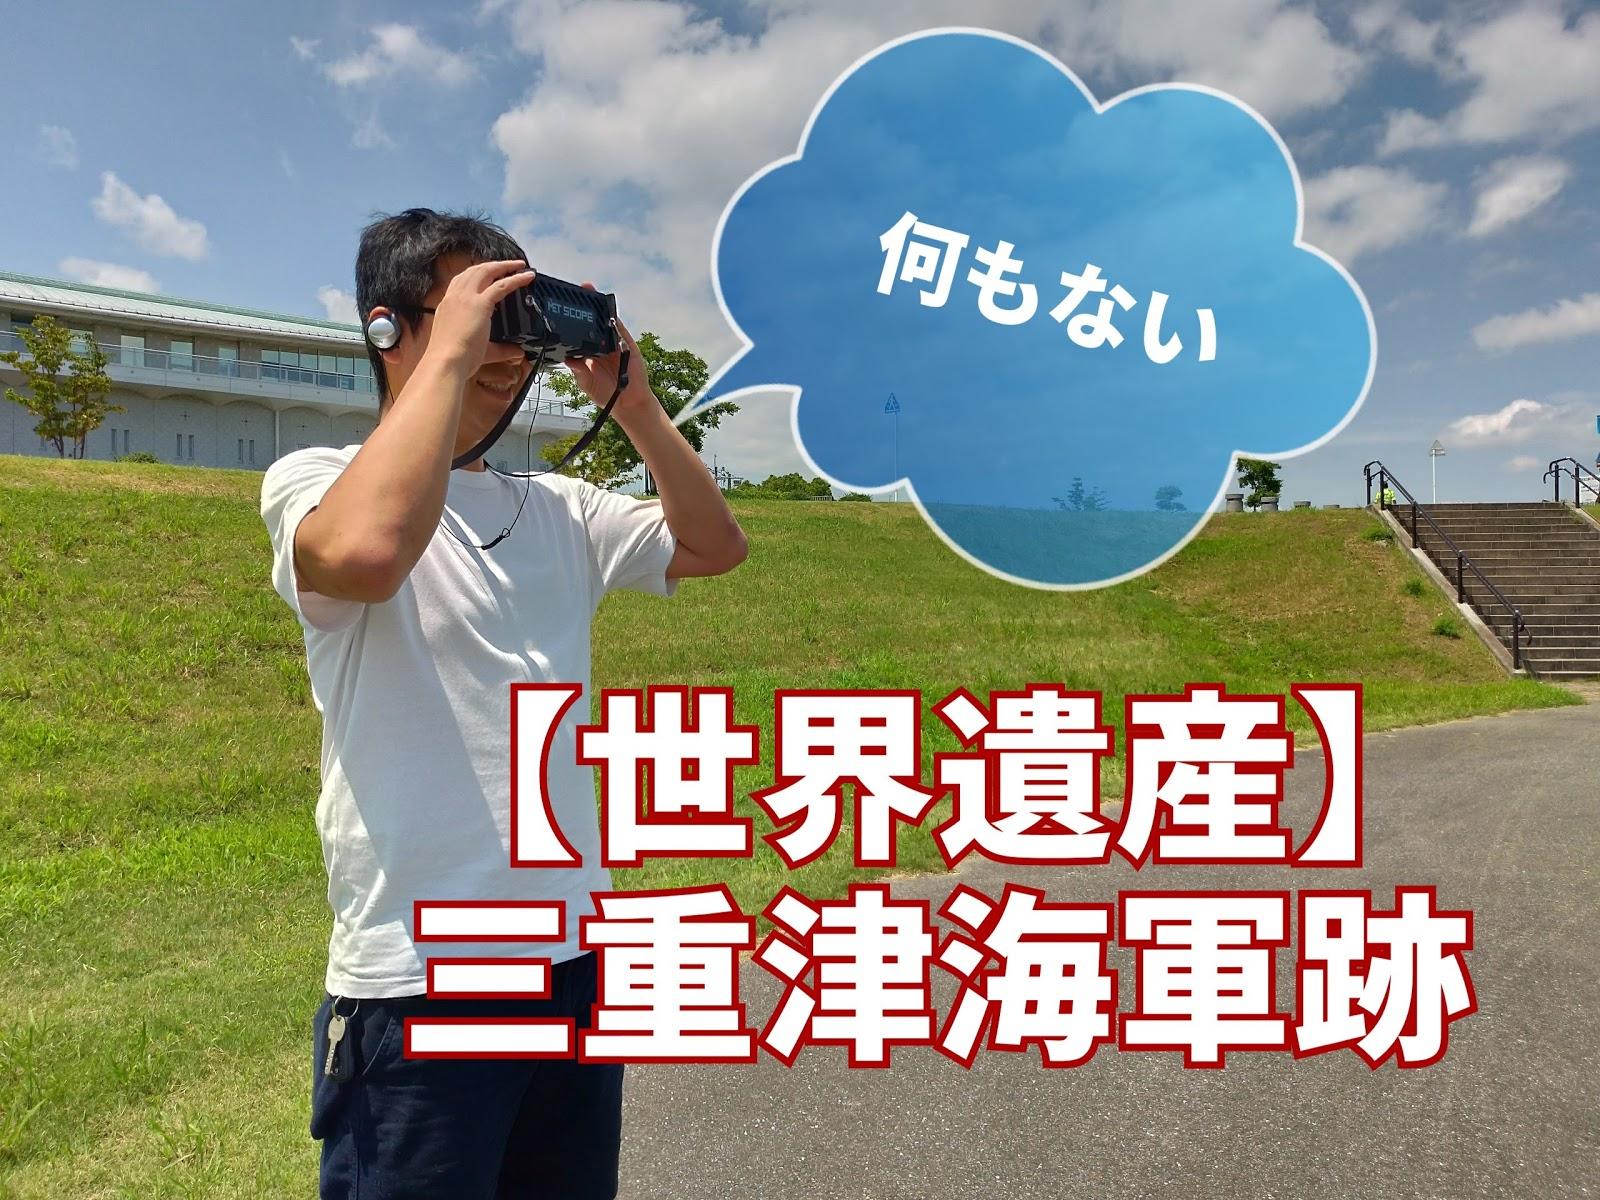 【世界遺産】三重津海軍所跡のVR体験で子供たちが大興奮!